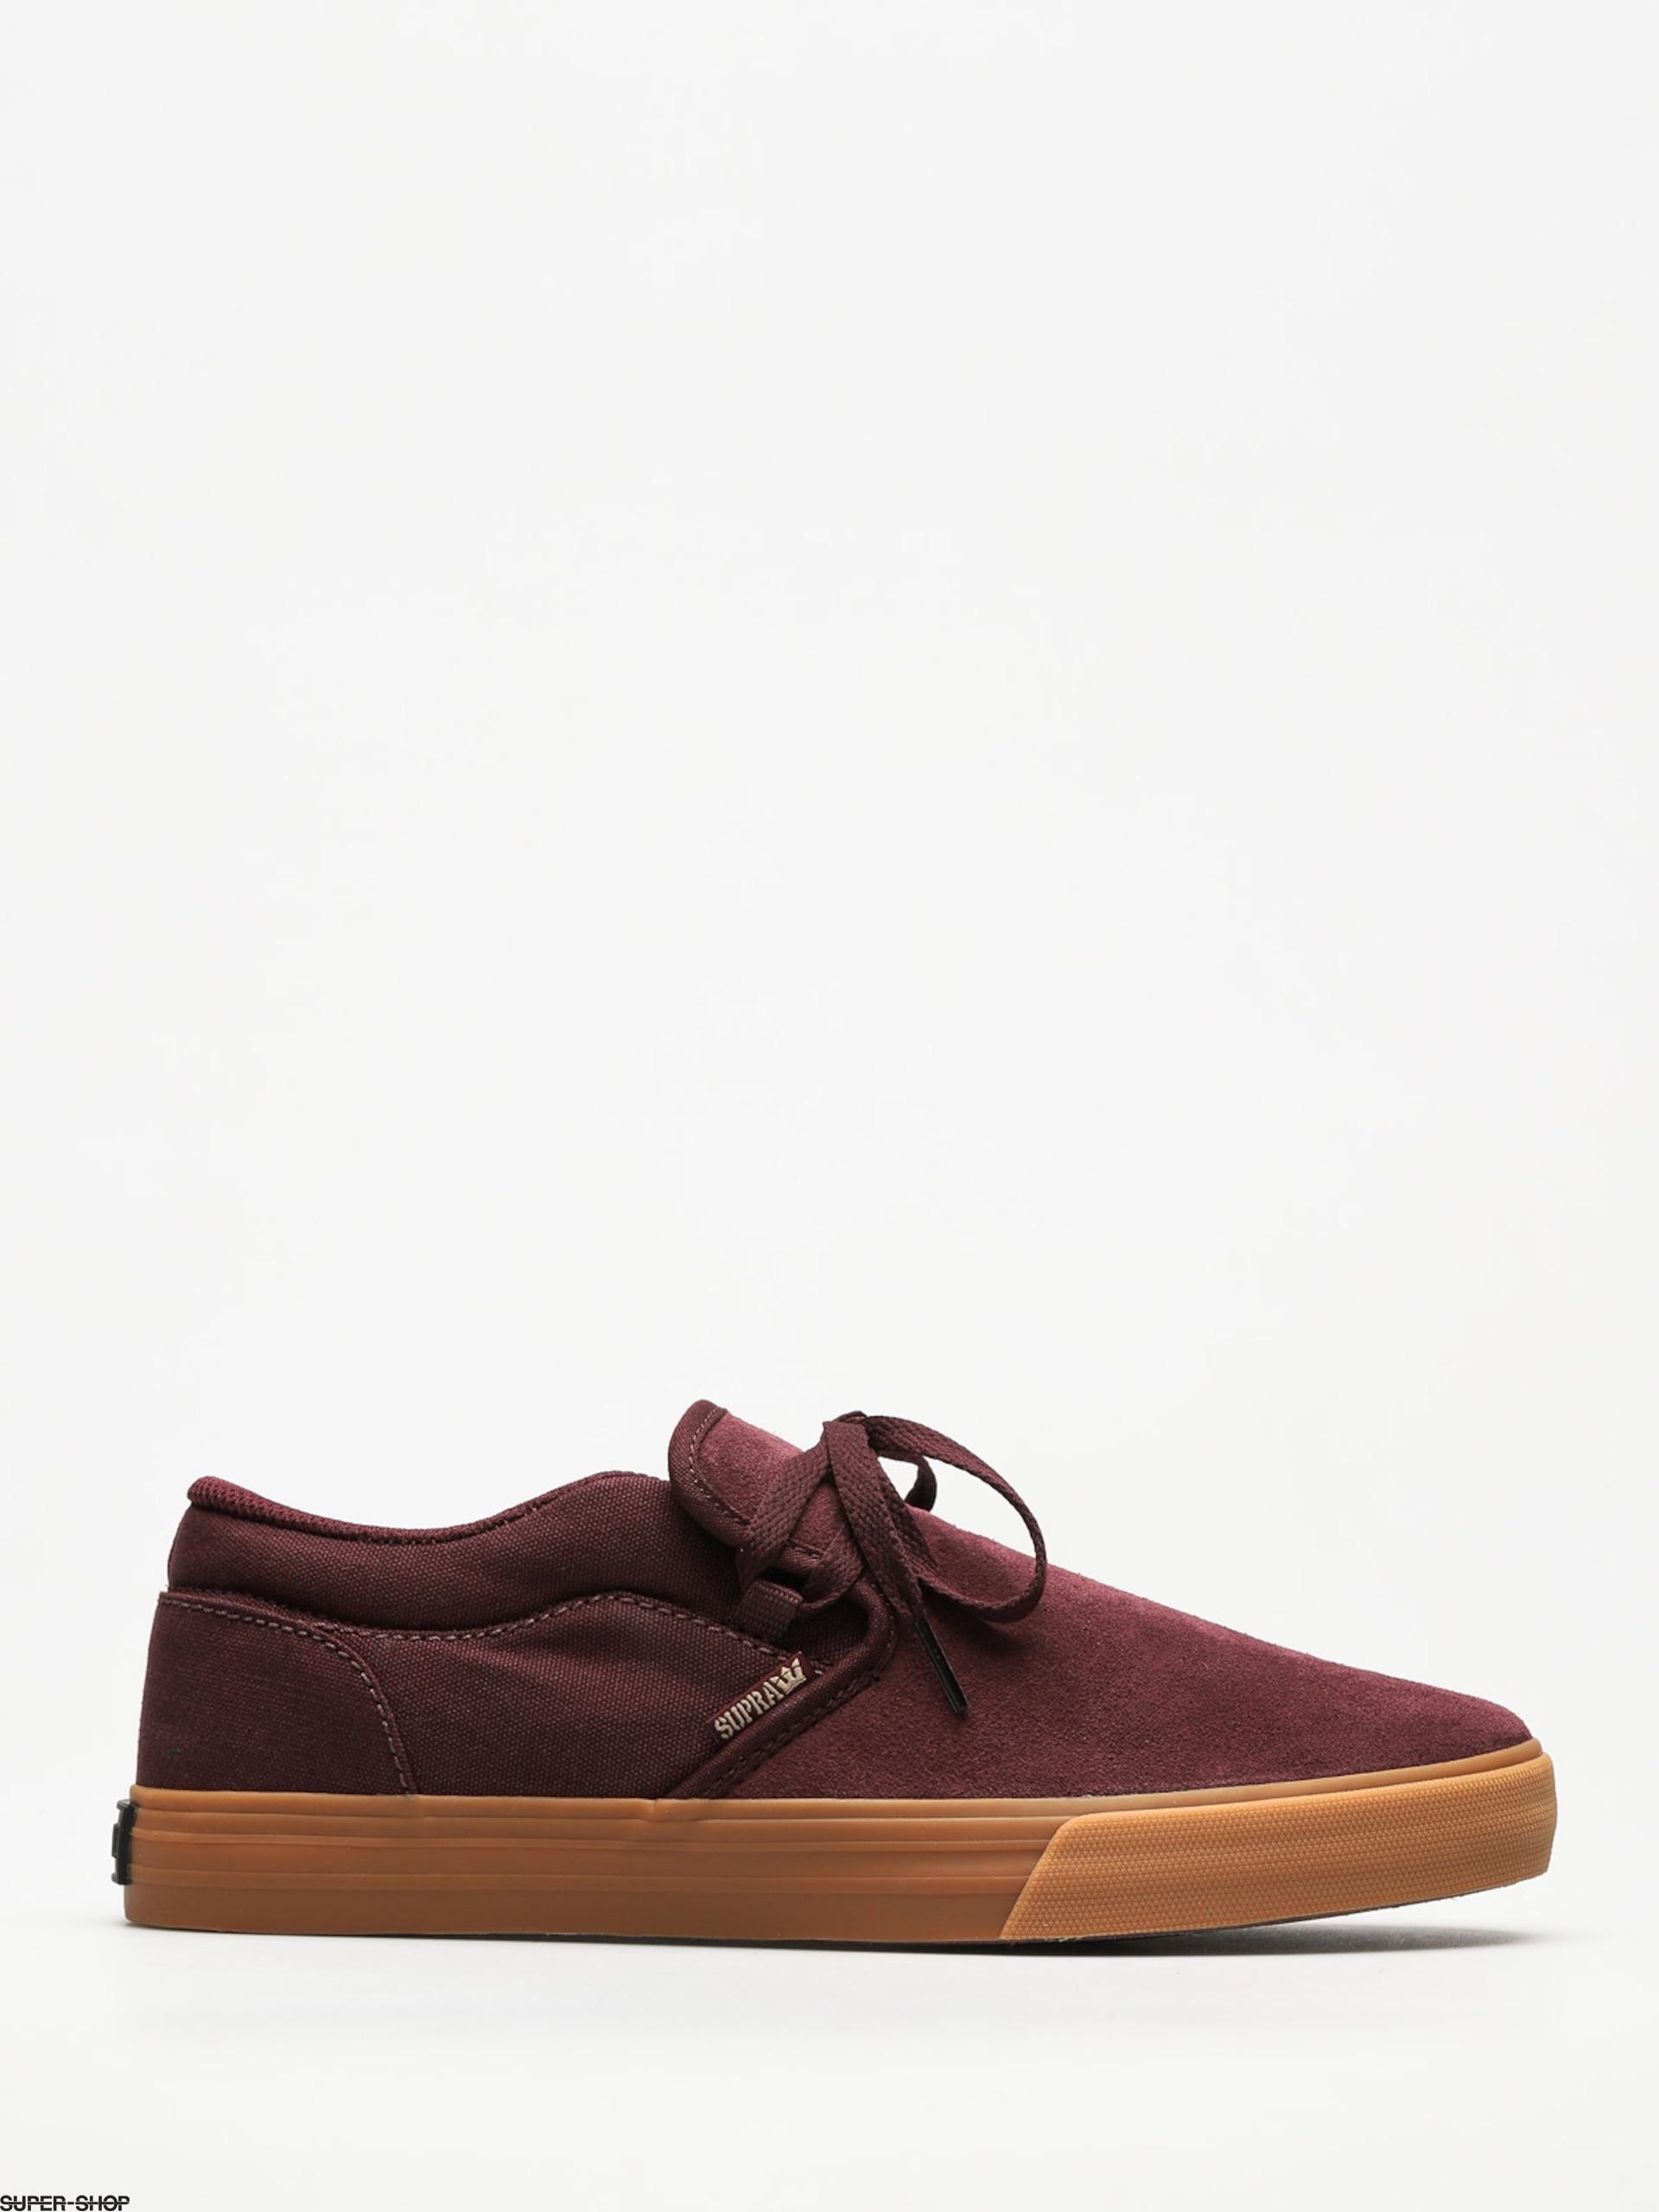 Supra Shoes Cuba (wine gum) 55c6c6883